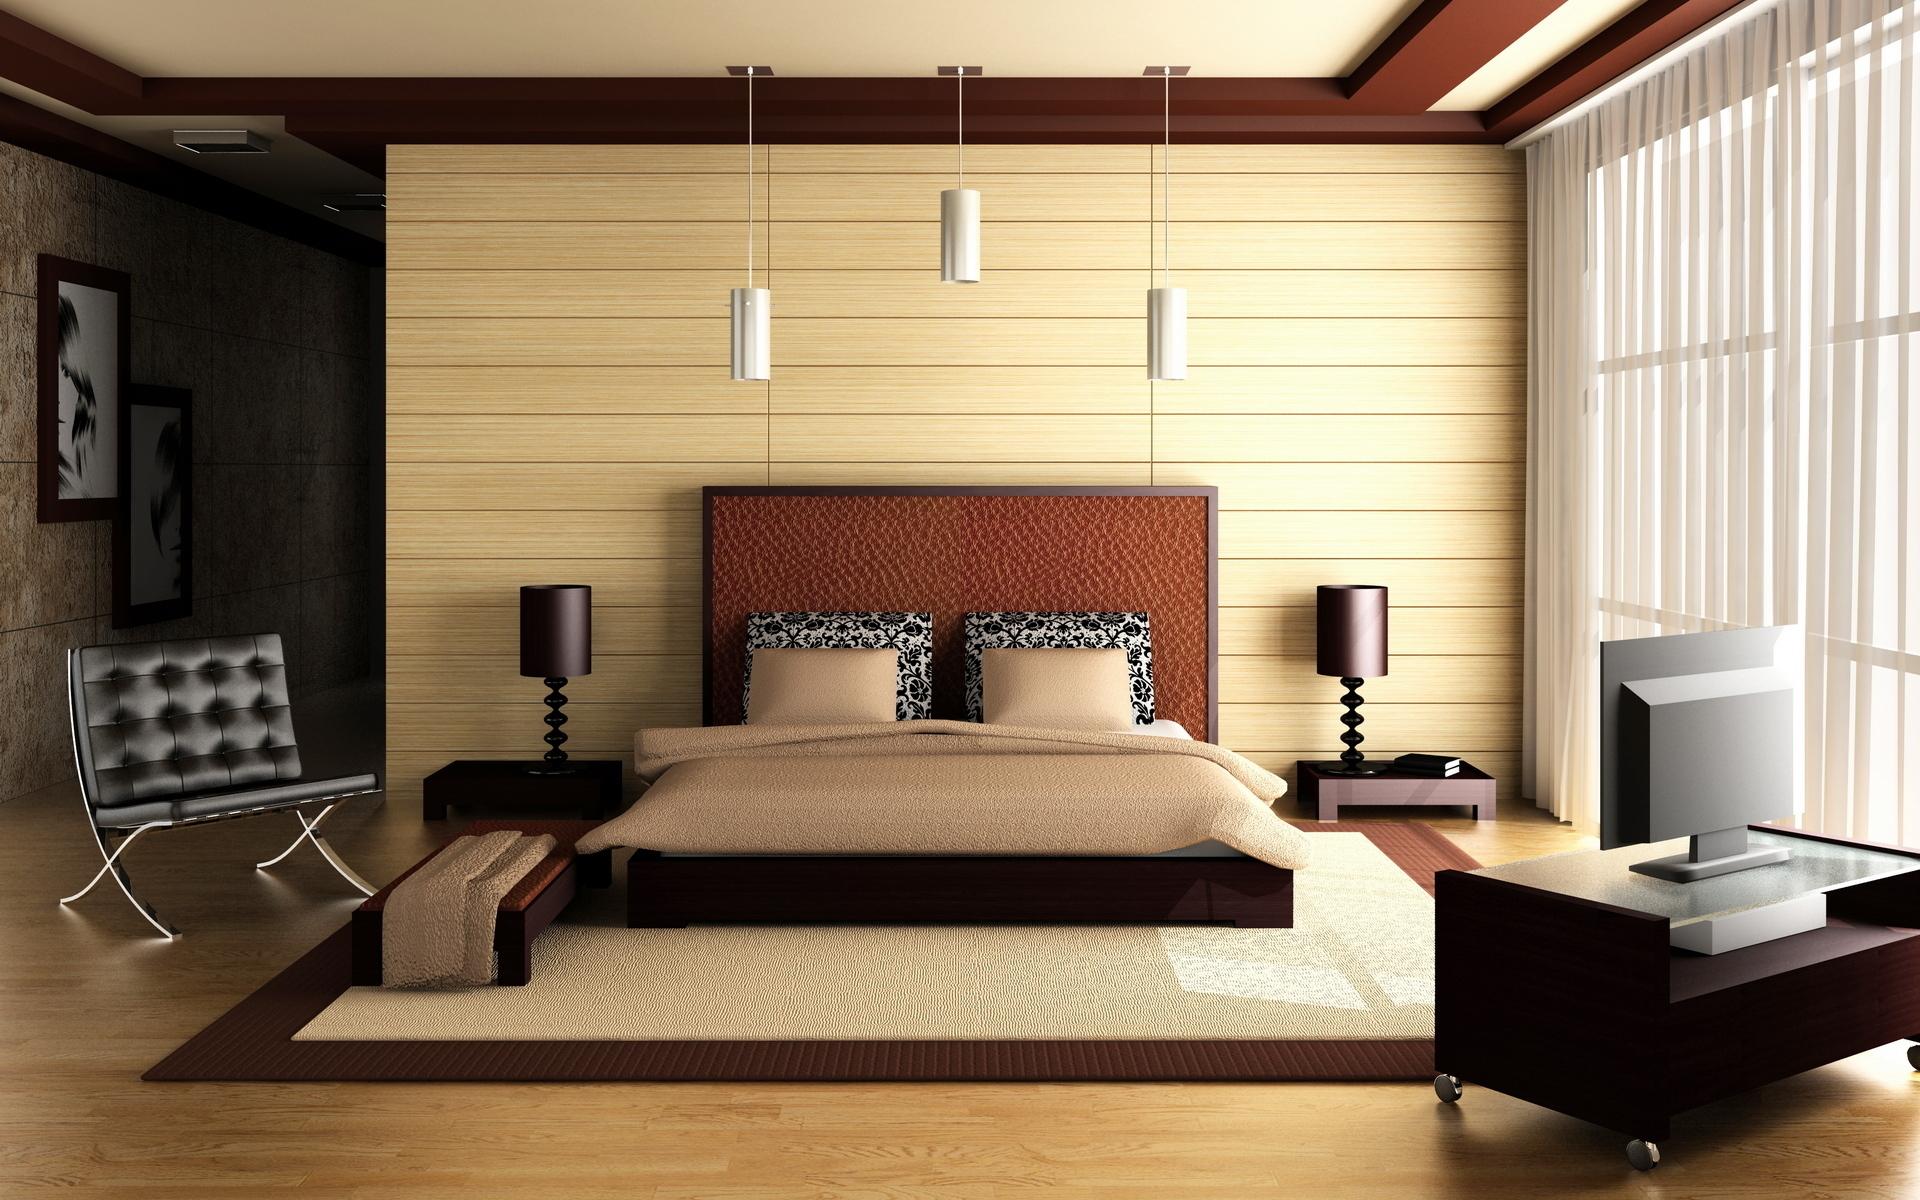 Интерьер спальня комната кровать  № 3537152  скачать